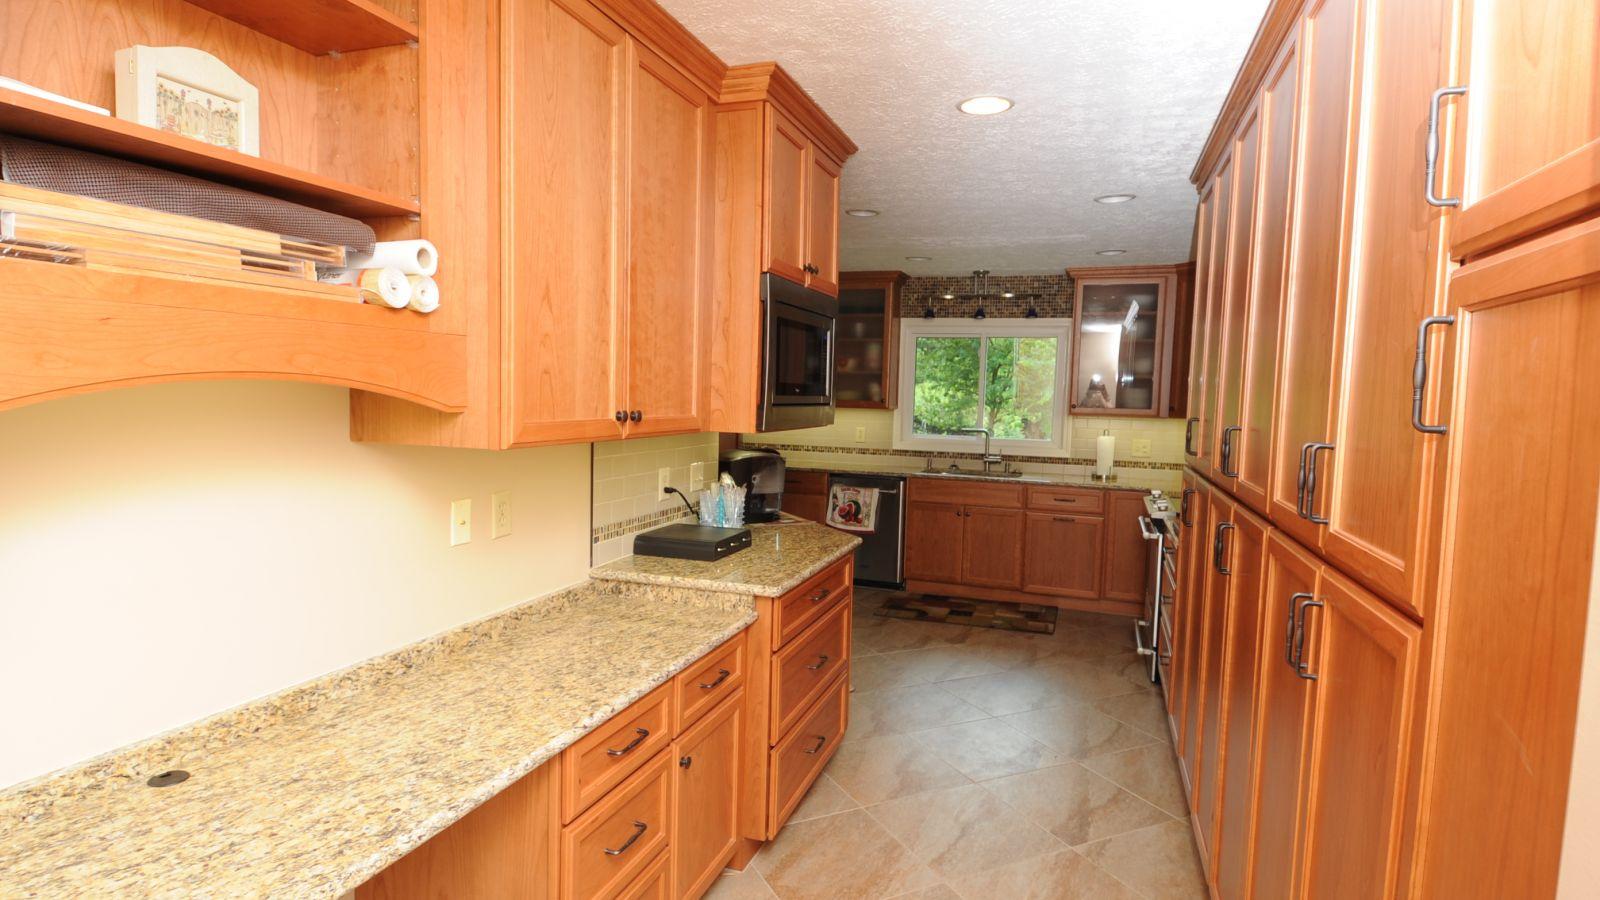 Complete Working Kitchen In 5 Days Frugal Kitchens